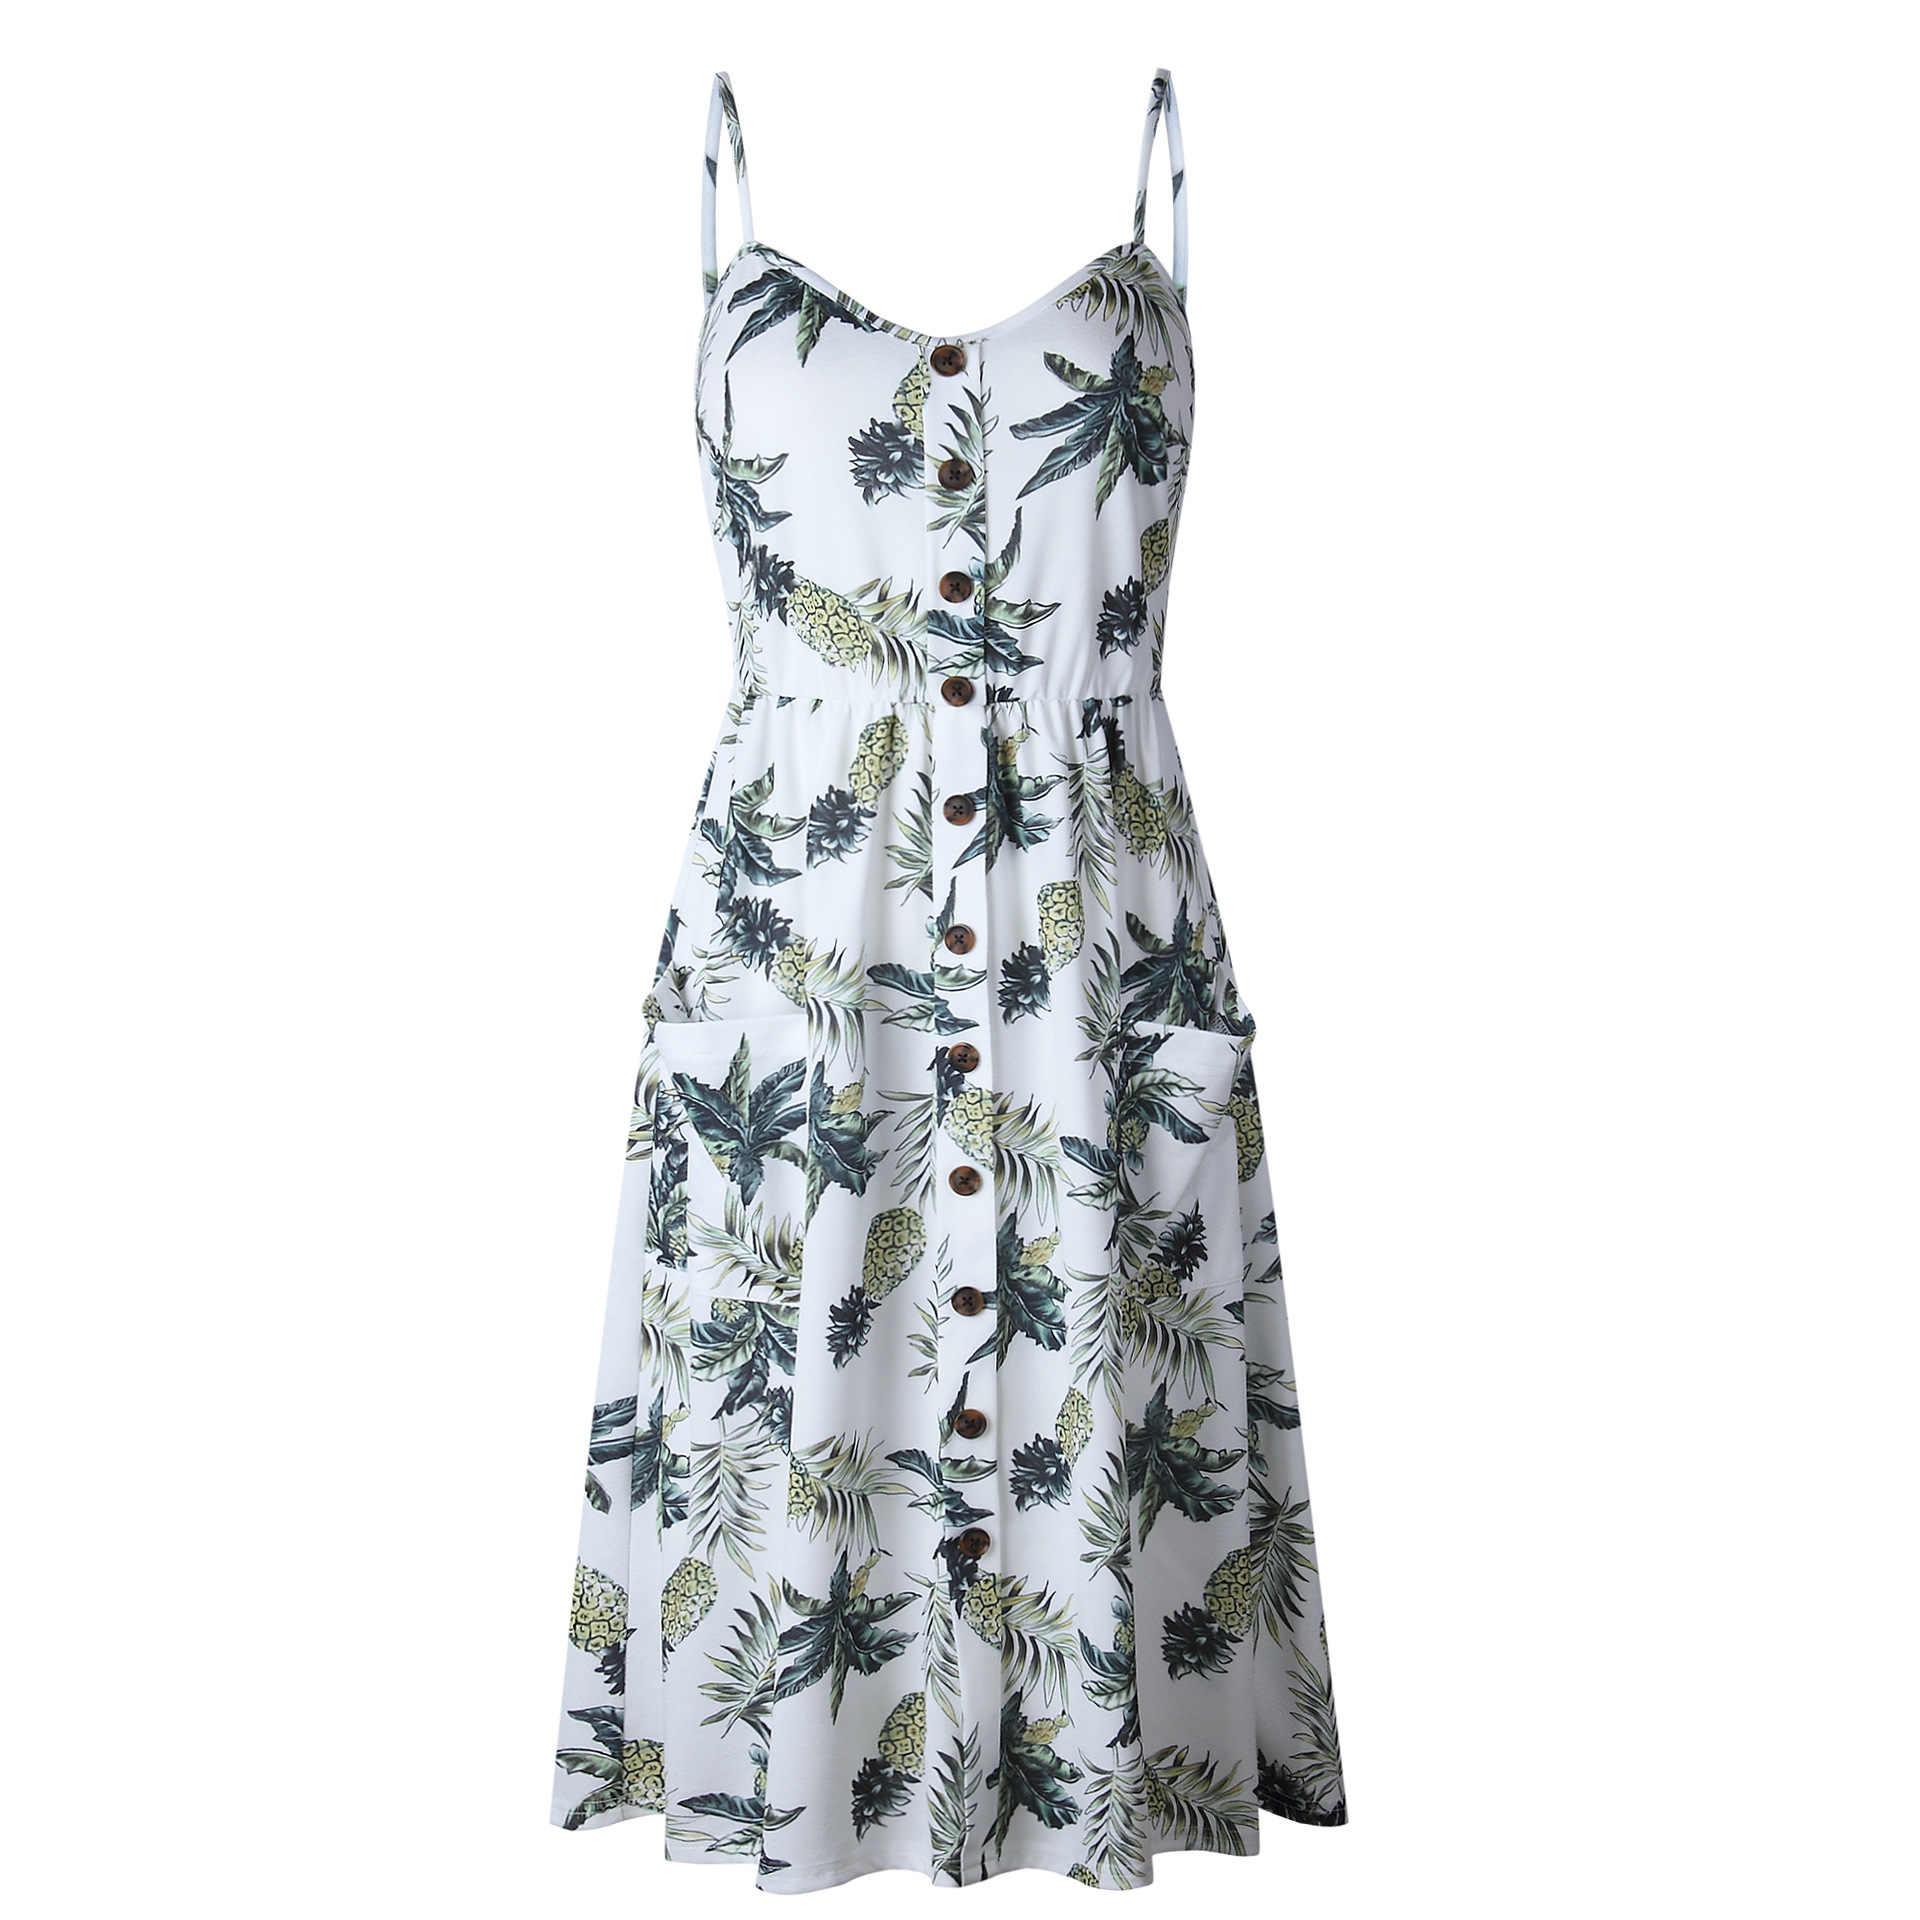 Сексуальное летнее пляжное платье с v-образным вырезом и открытой спиной 2019 белое в полоску на пуговицах Подсолнух маргаритки ананас Вечерние Платья Миди